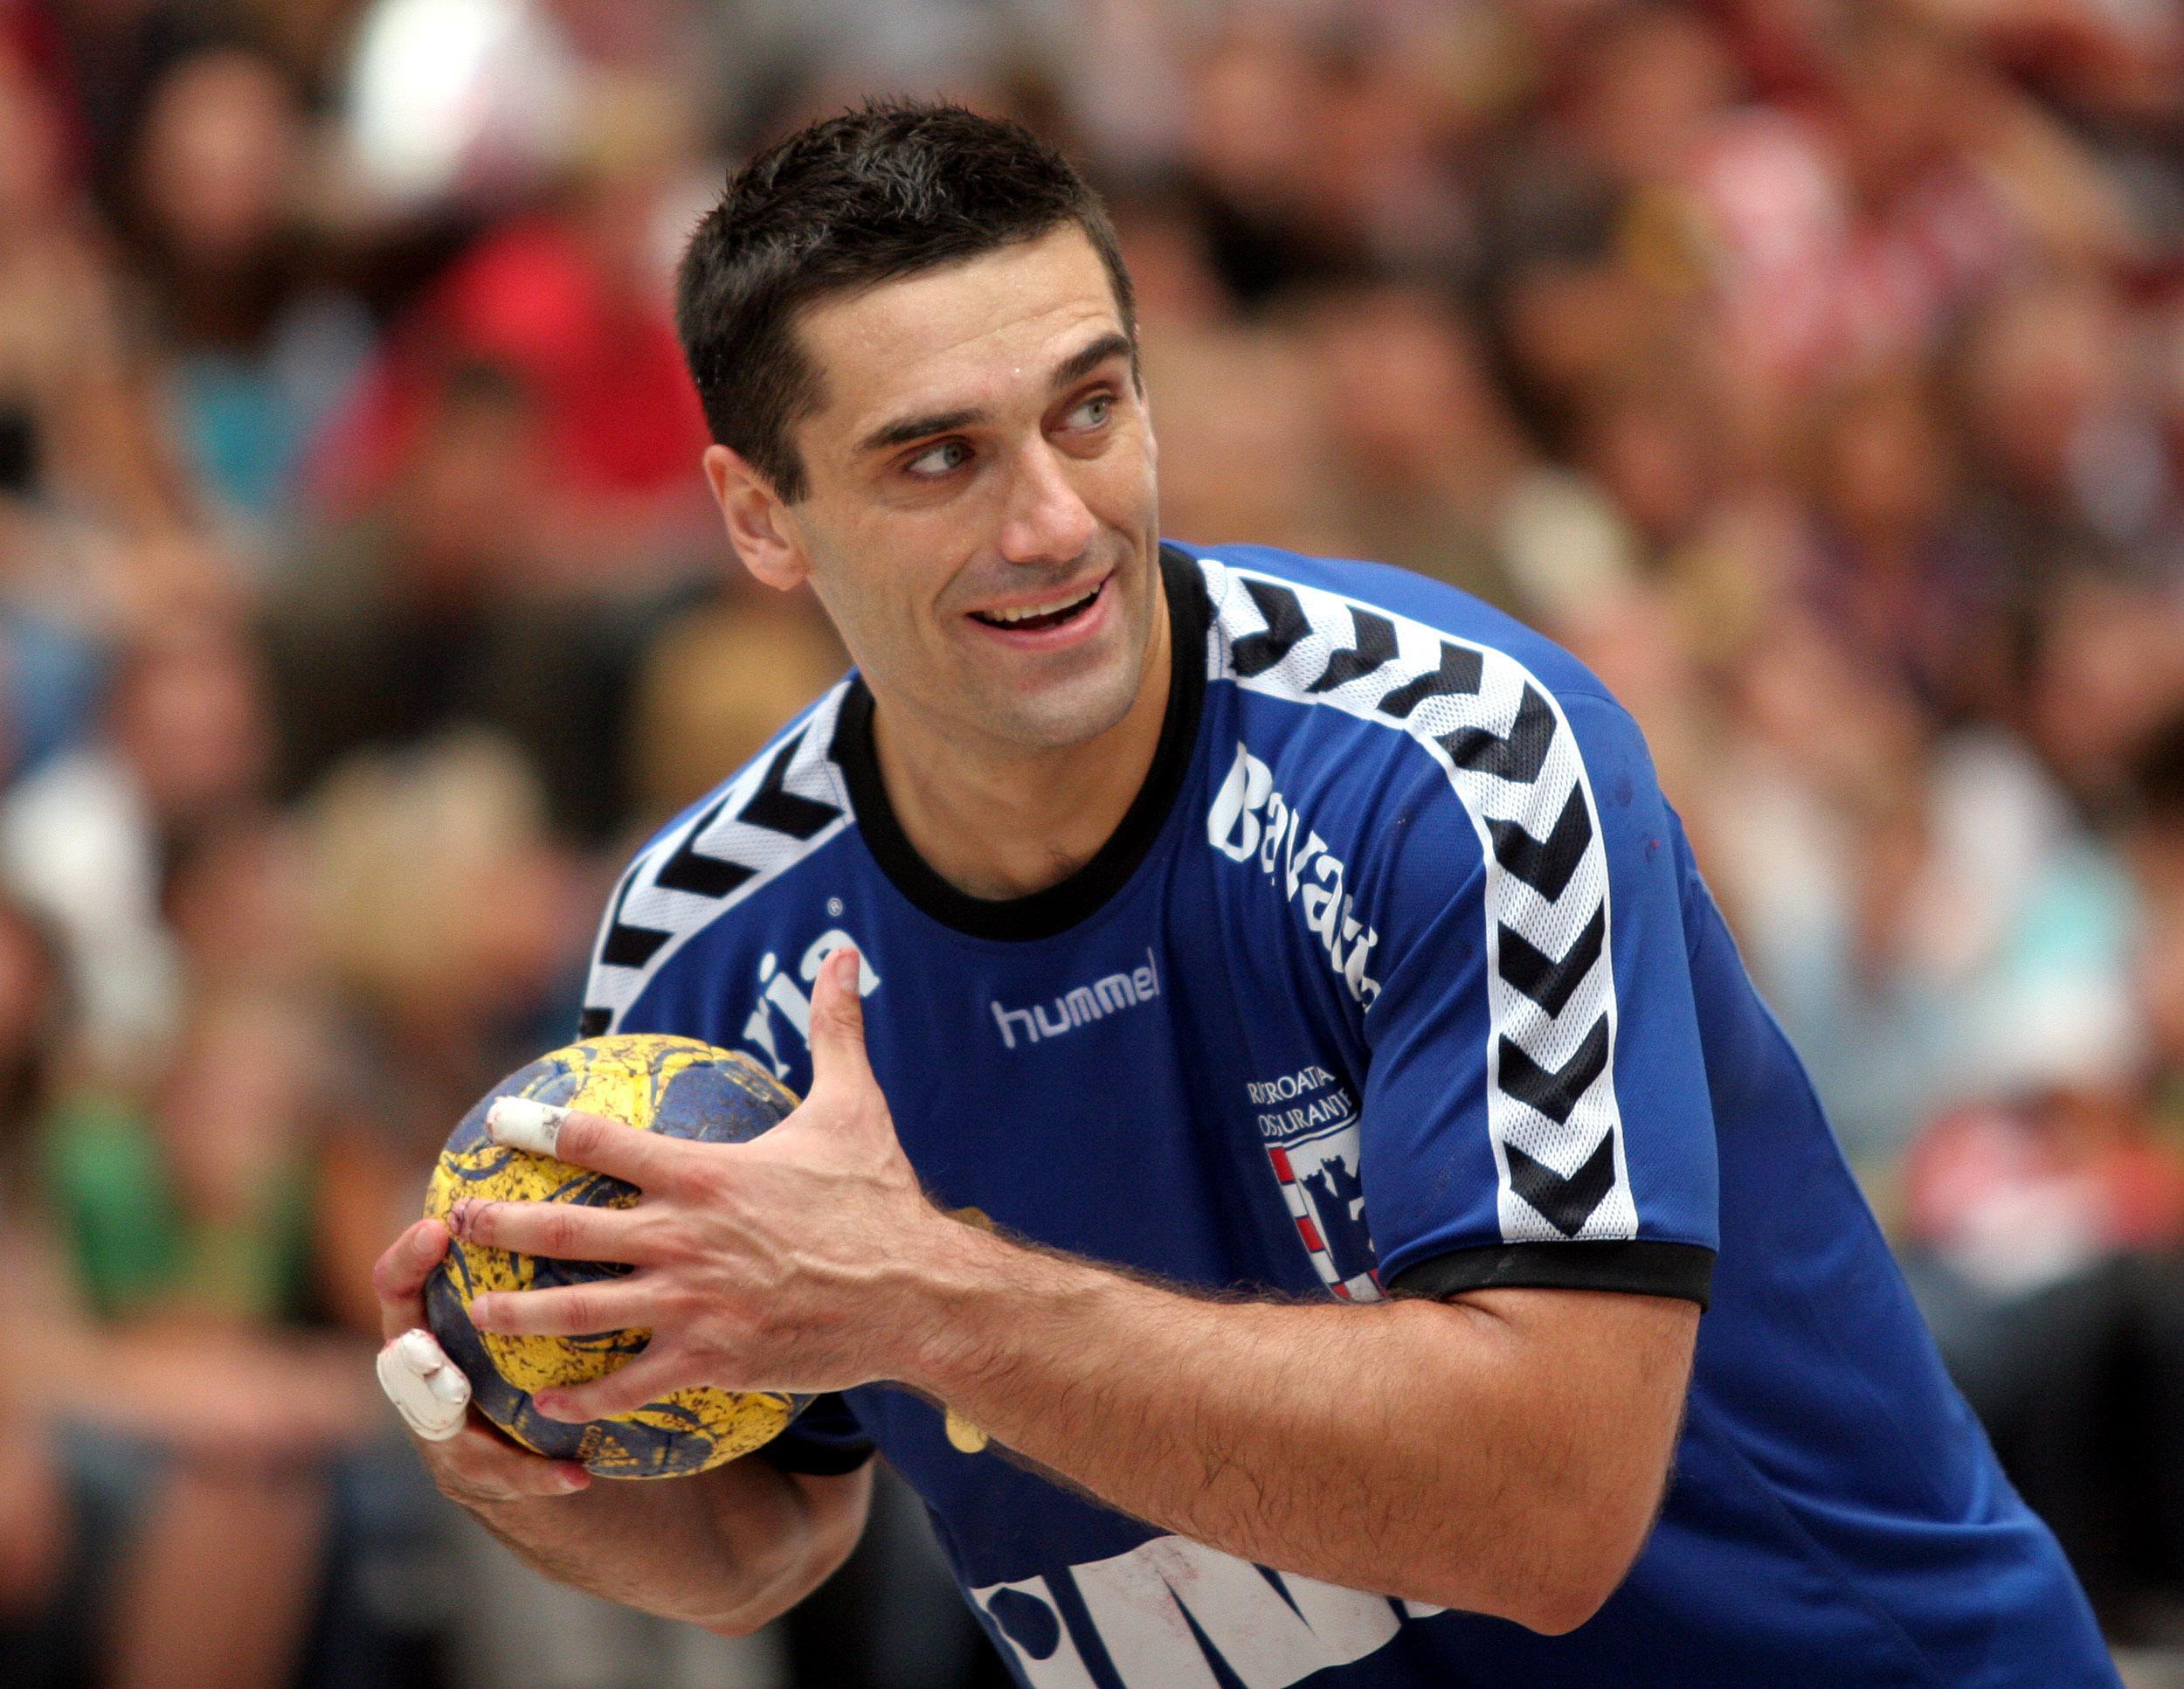 Håndball VM menn